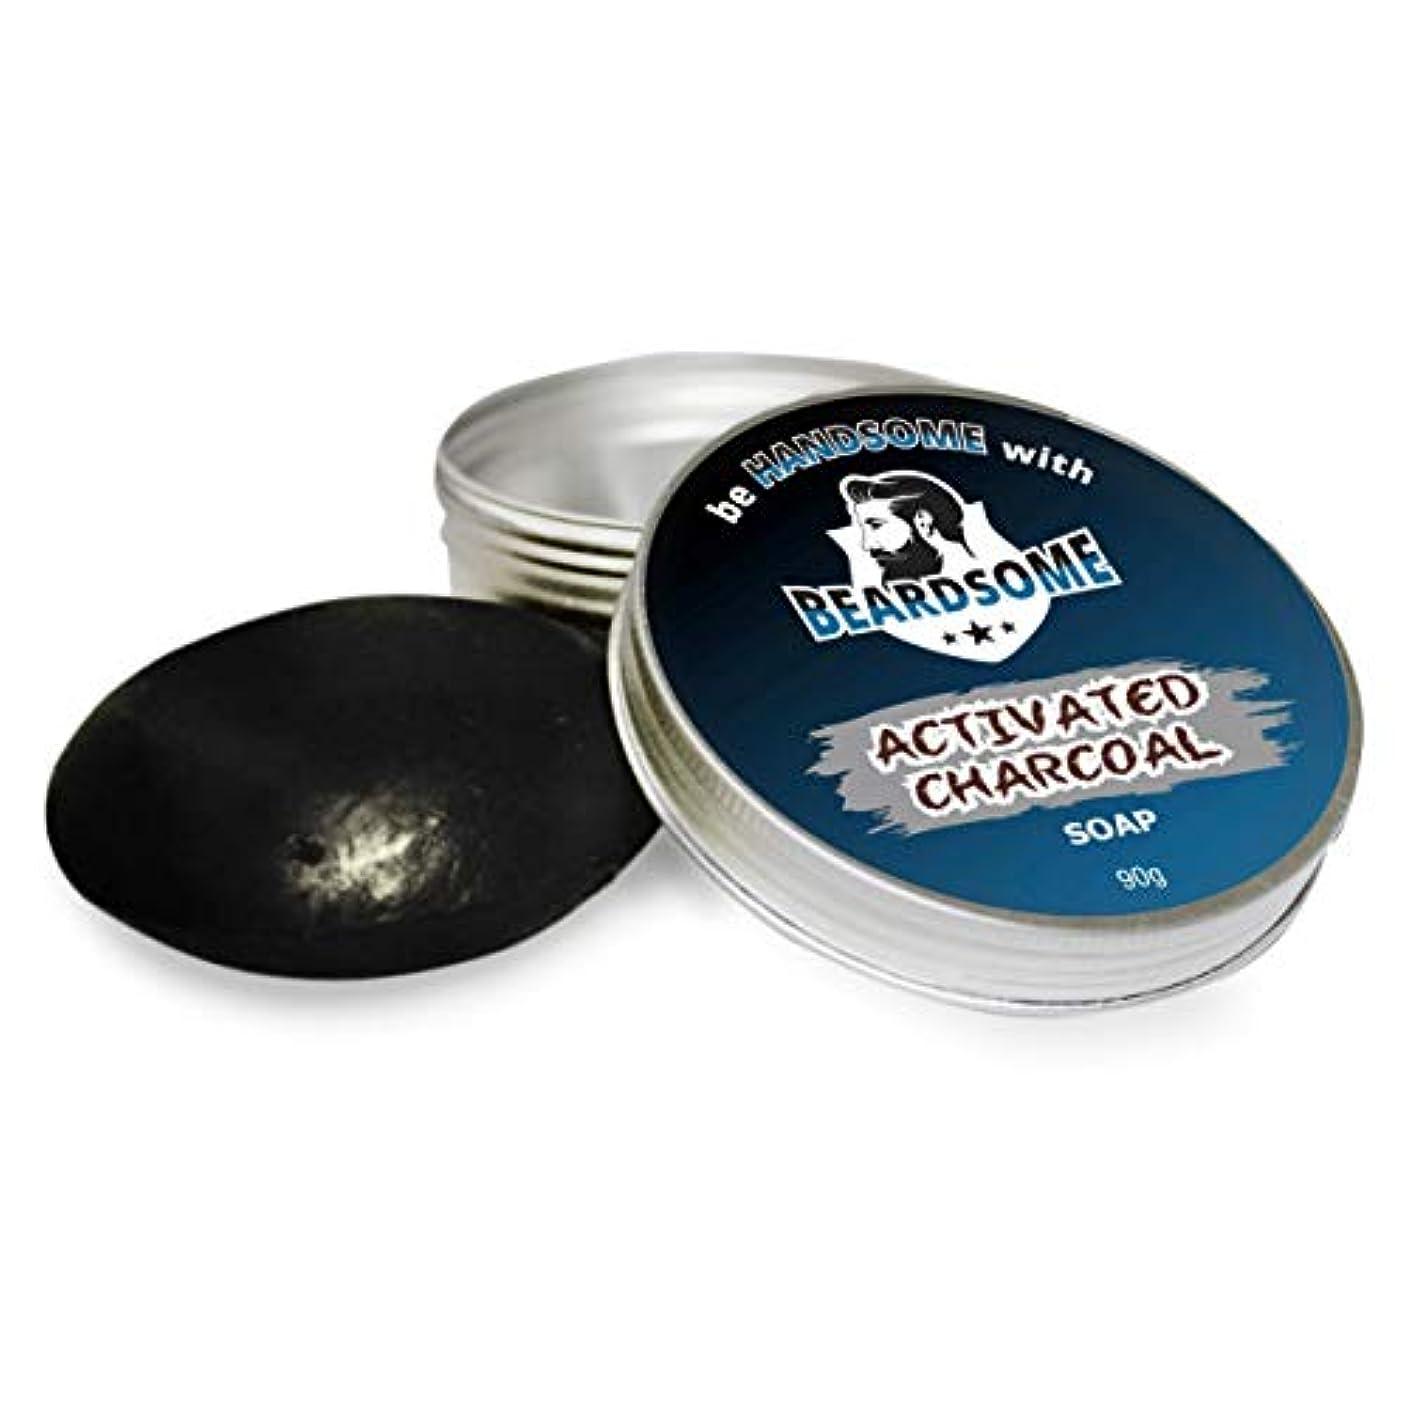 シェル維持するホストBEARDSOME Activated Charcoal Soap For Men 90g